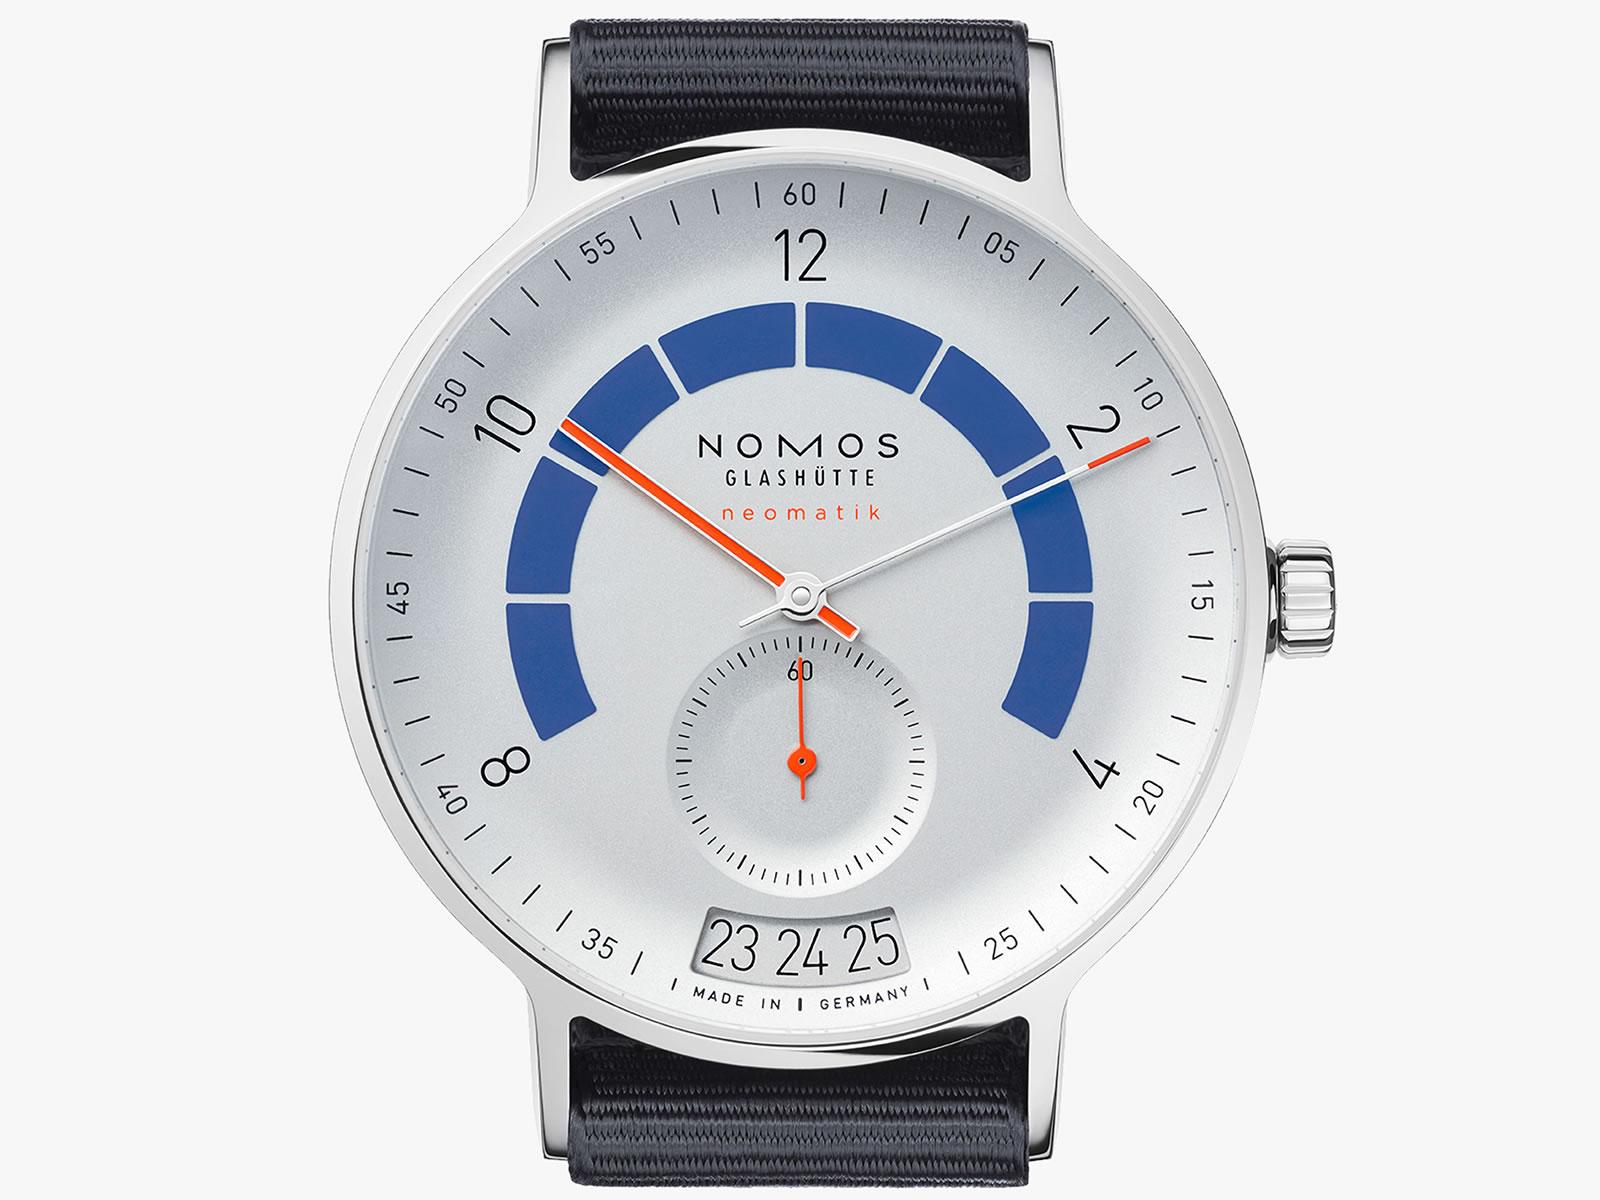 1303-nomos-glashutte-autobahn-neomatik-41-date-sports-gray-.jpg